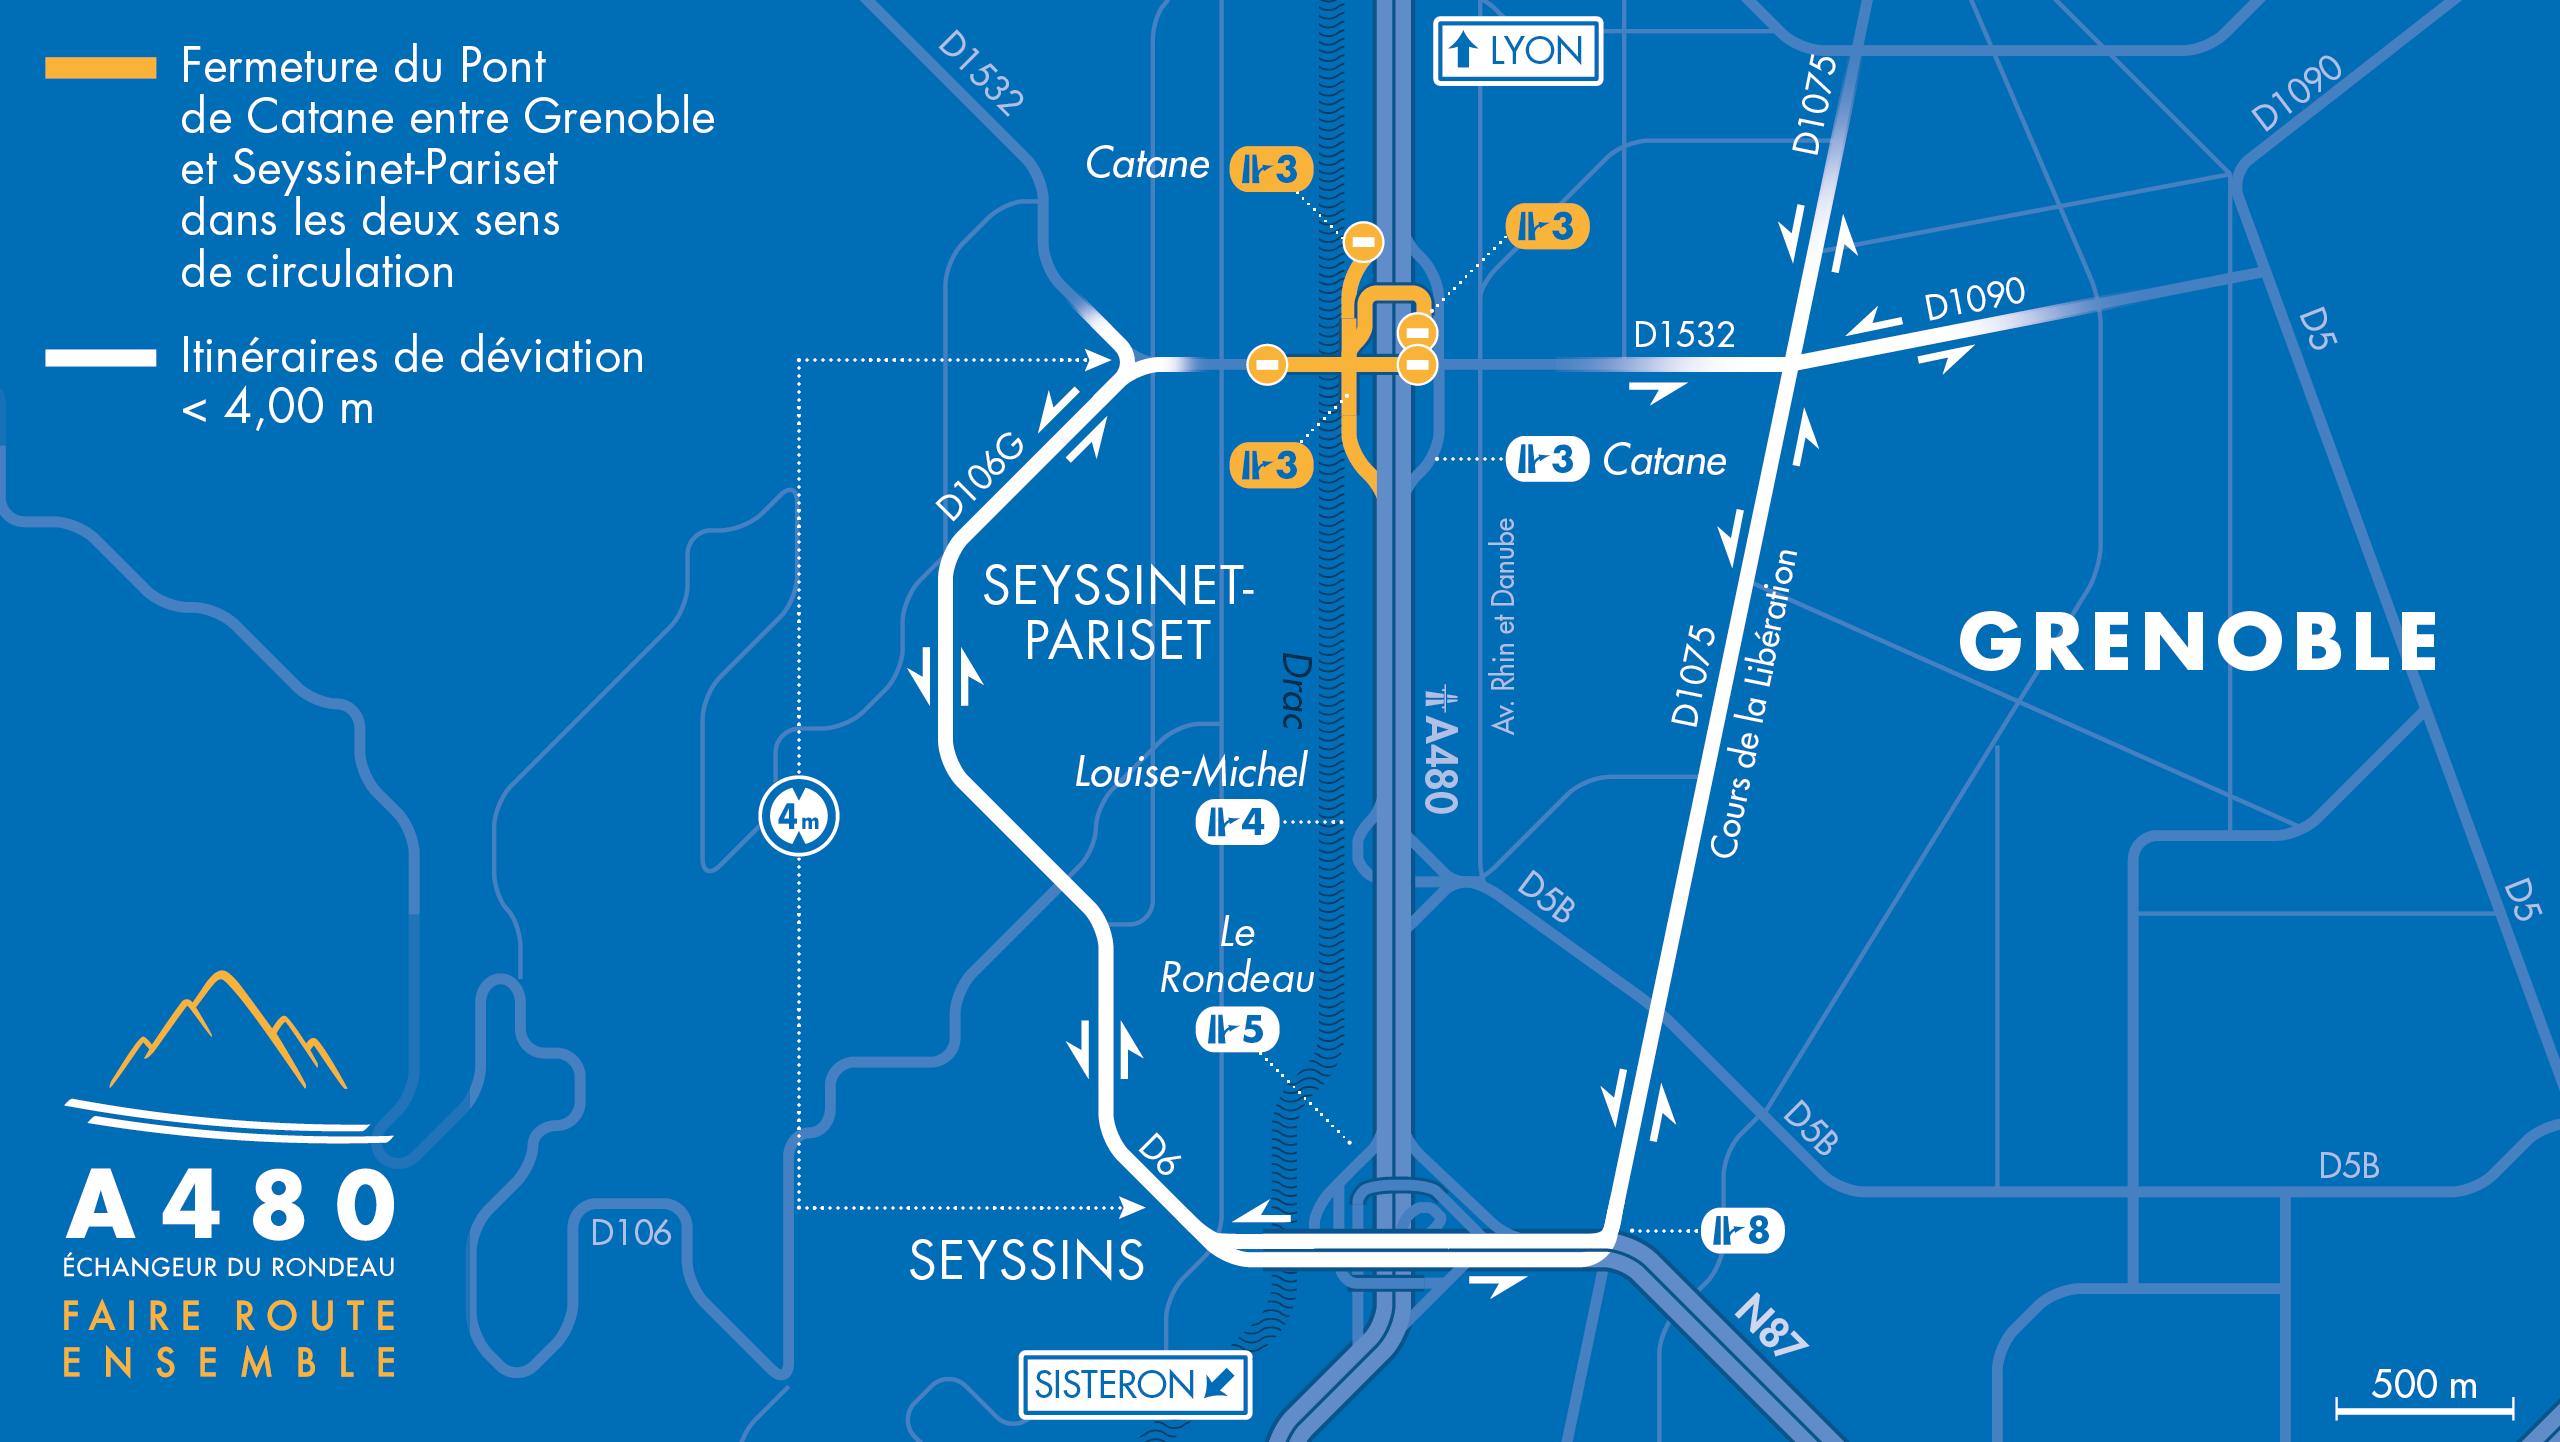 carte des déviations pour les véhicules légers entre Grenoble et Seyssinet-Pariset